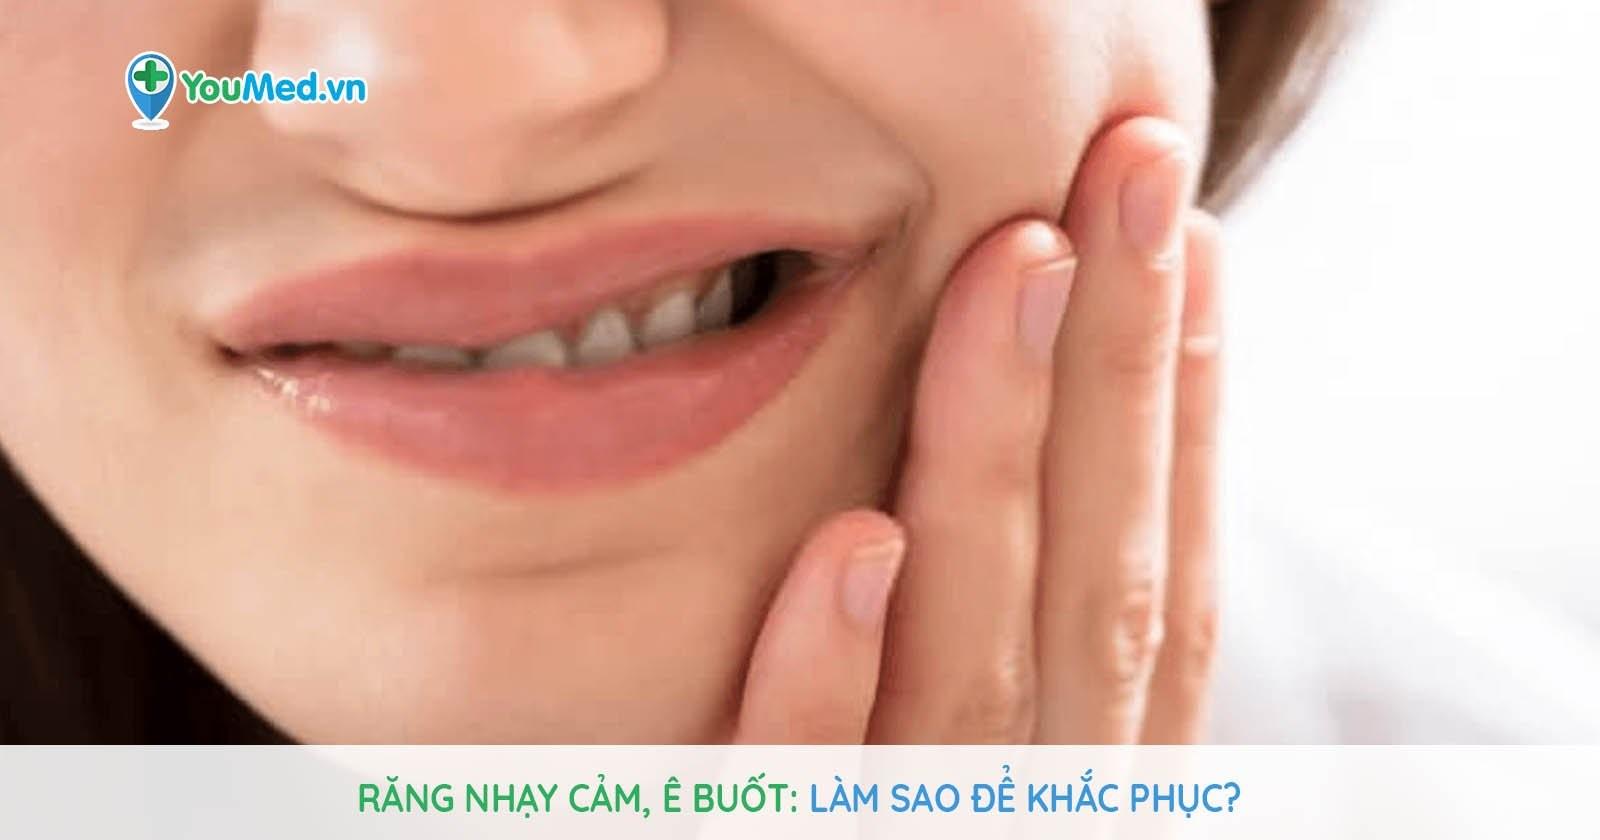 Răng nhạy cảm, ê buốt - Làm sao để khắc phục